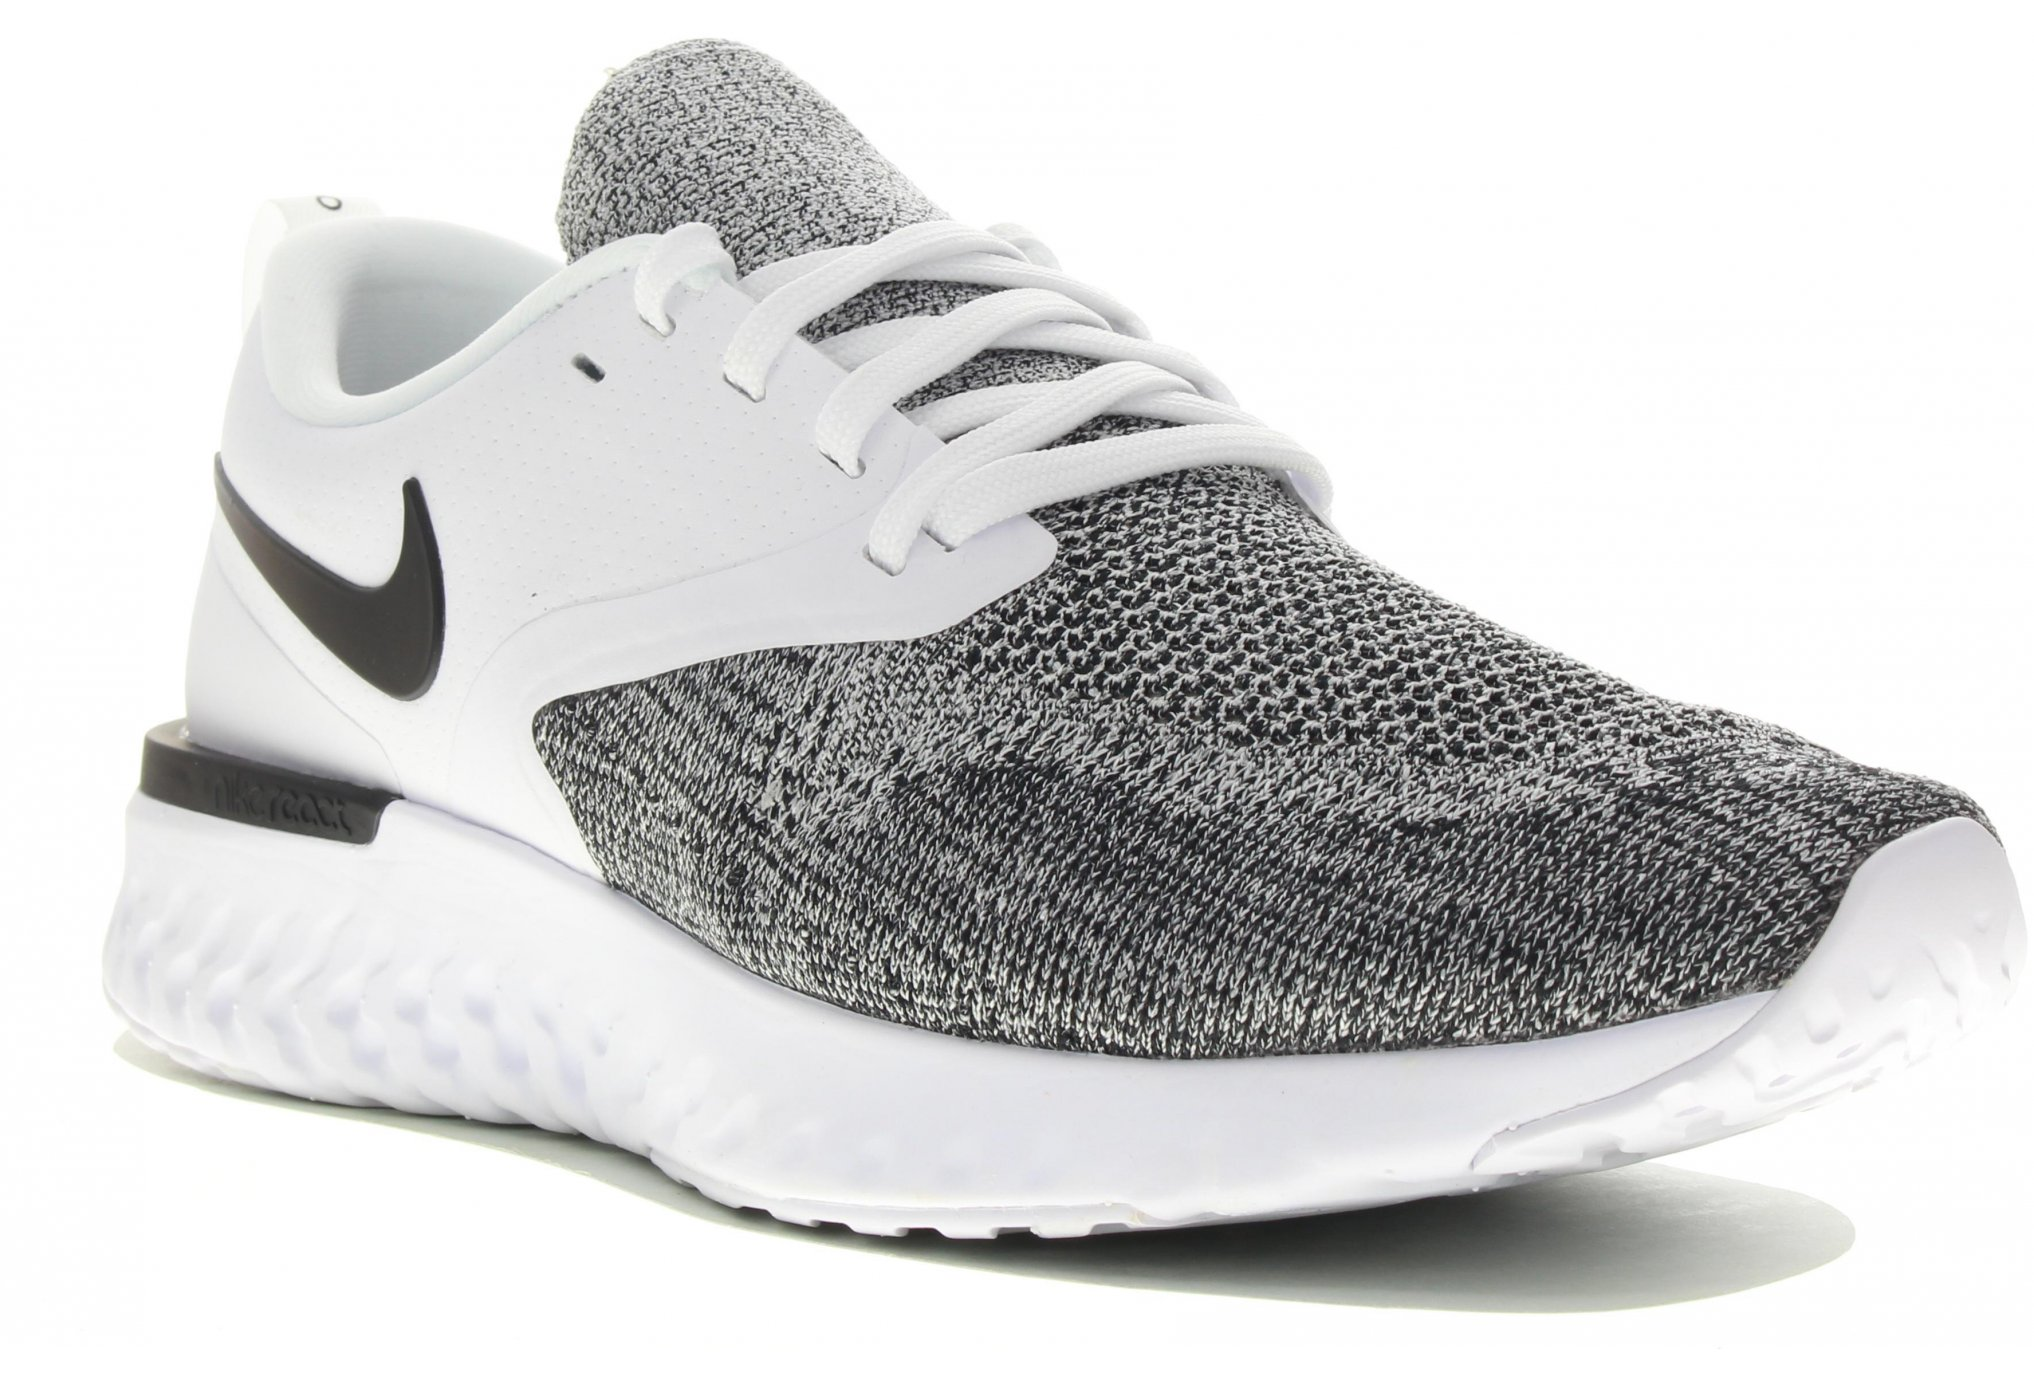 e14048e2912ec Nike pas cher | Promos de -8% à -80% | SPOT-A-SHOP